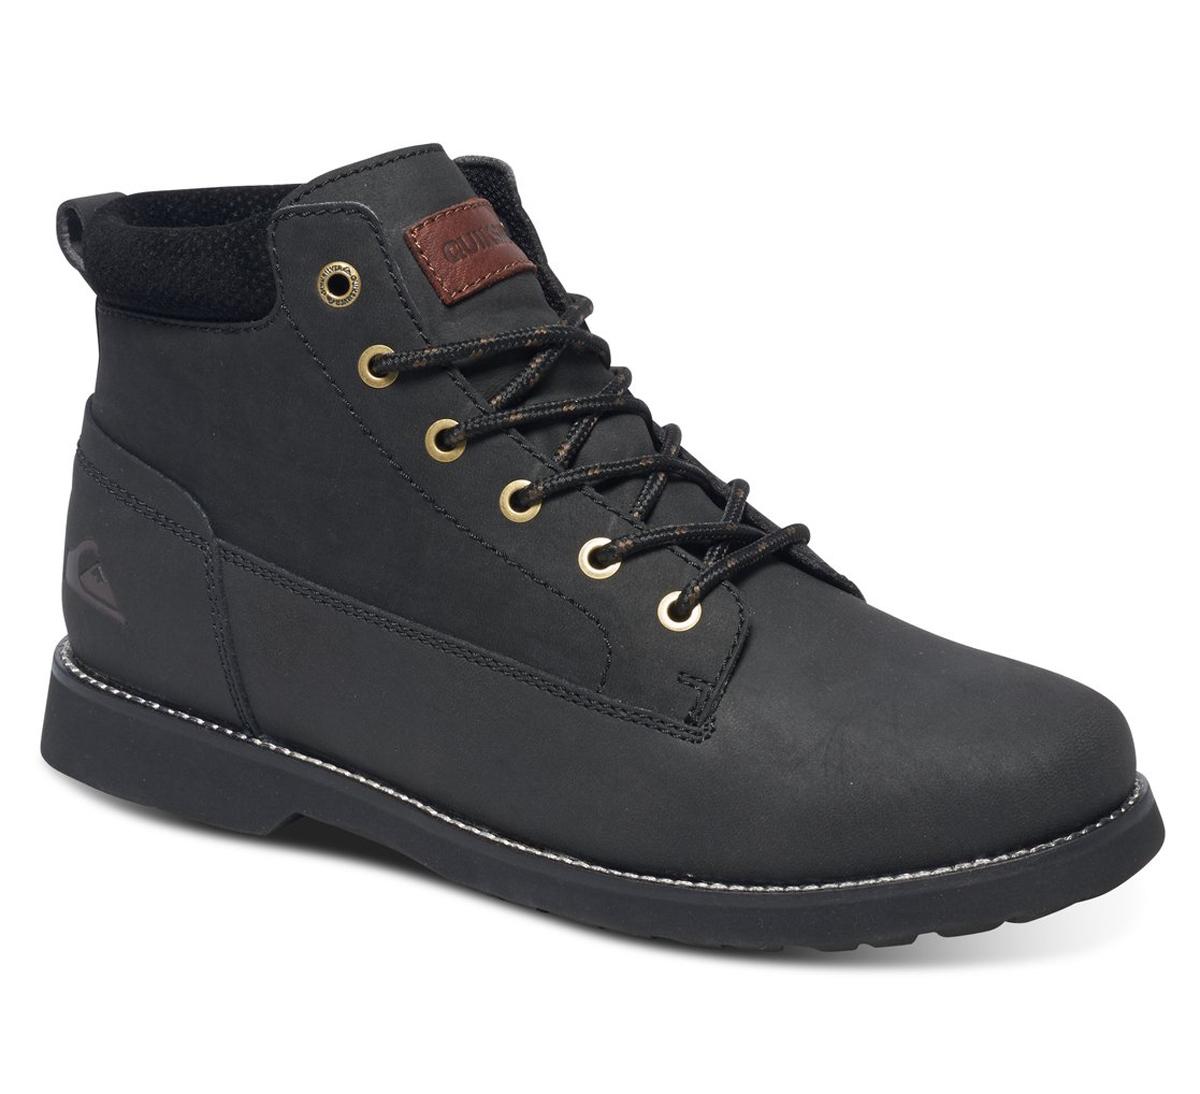 Купить Ботинки мужские Quiksilver Mission II, цвет: черный. AQYB700022-SBKM. Размер 6 (39)